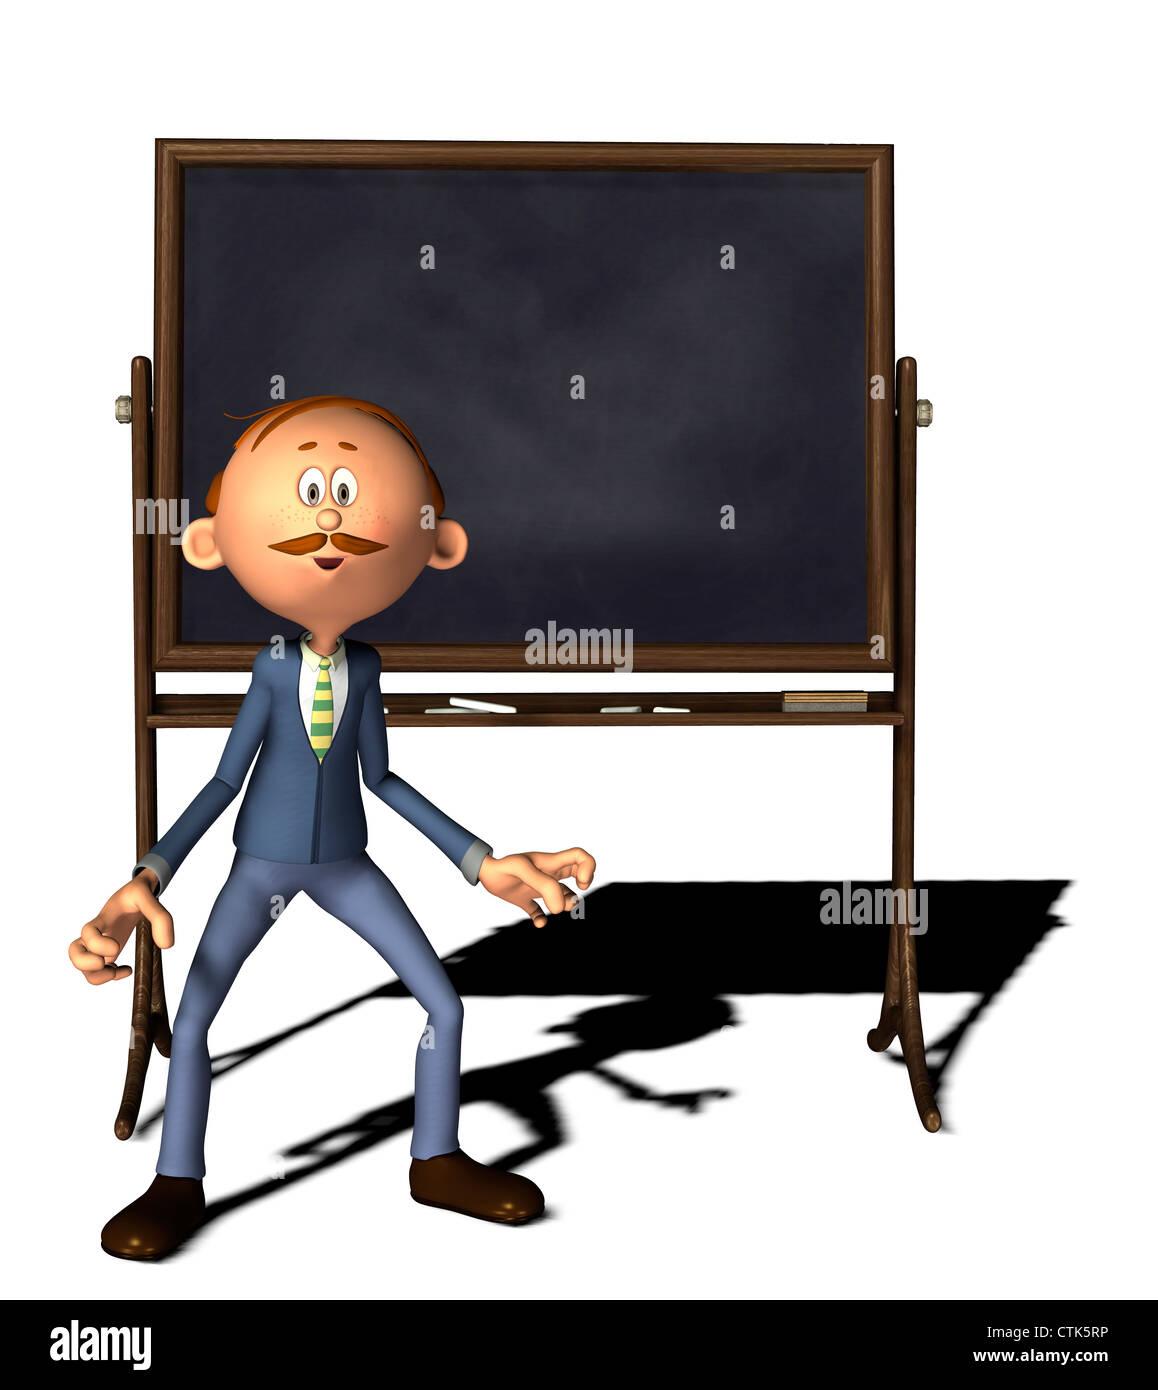 Cartoonfigur Lehrer mit Tafel / cartoon figura insegnante con bordo Immagini Stock